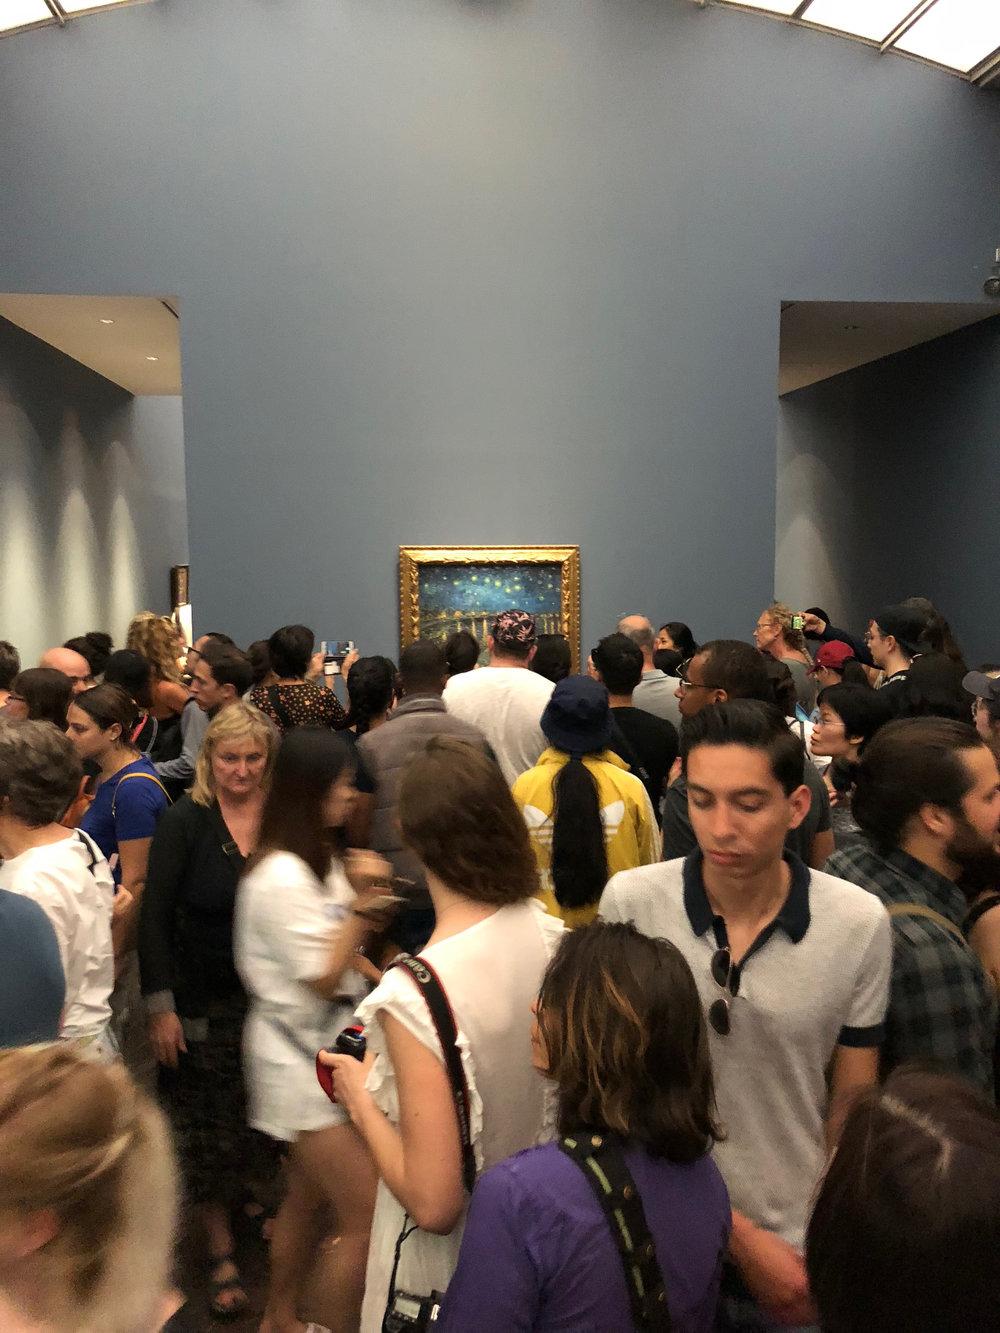 Van Gogh draws crowds at Musee d'Orsay